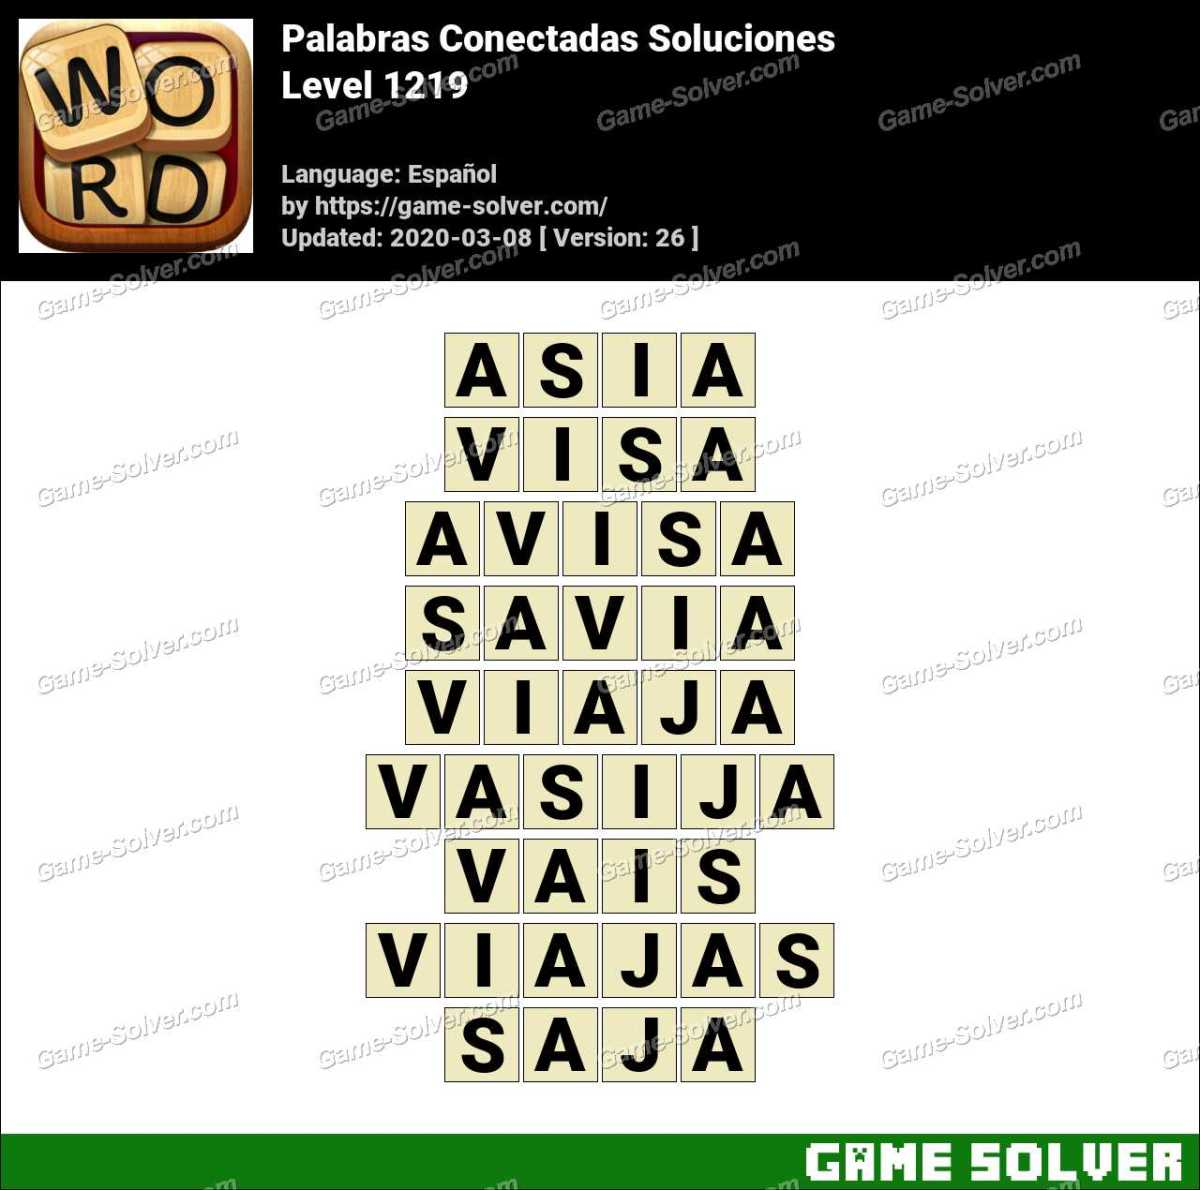 Palabras Conectadas Nivel 1219 Soluciones